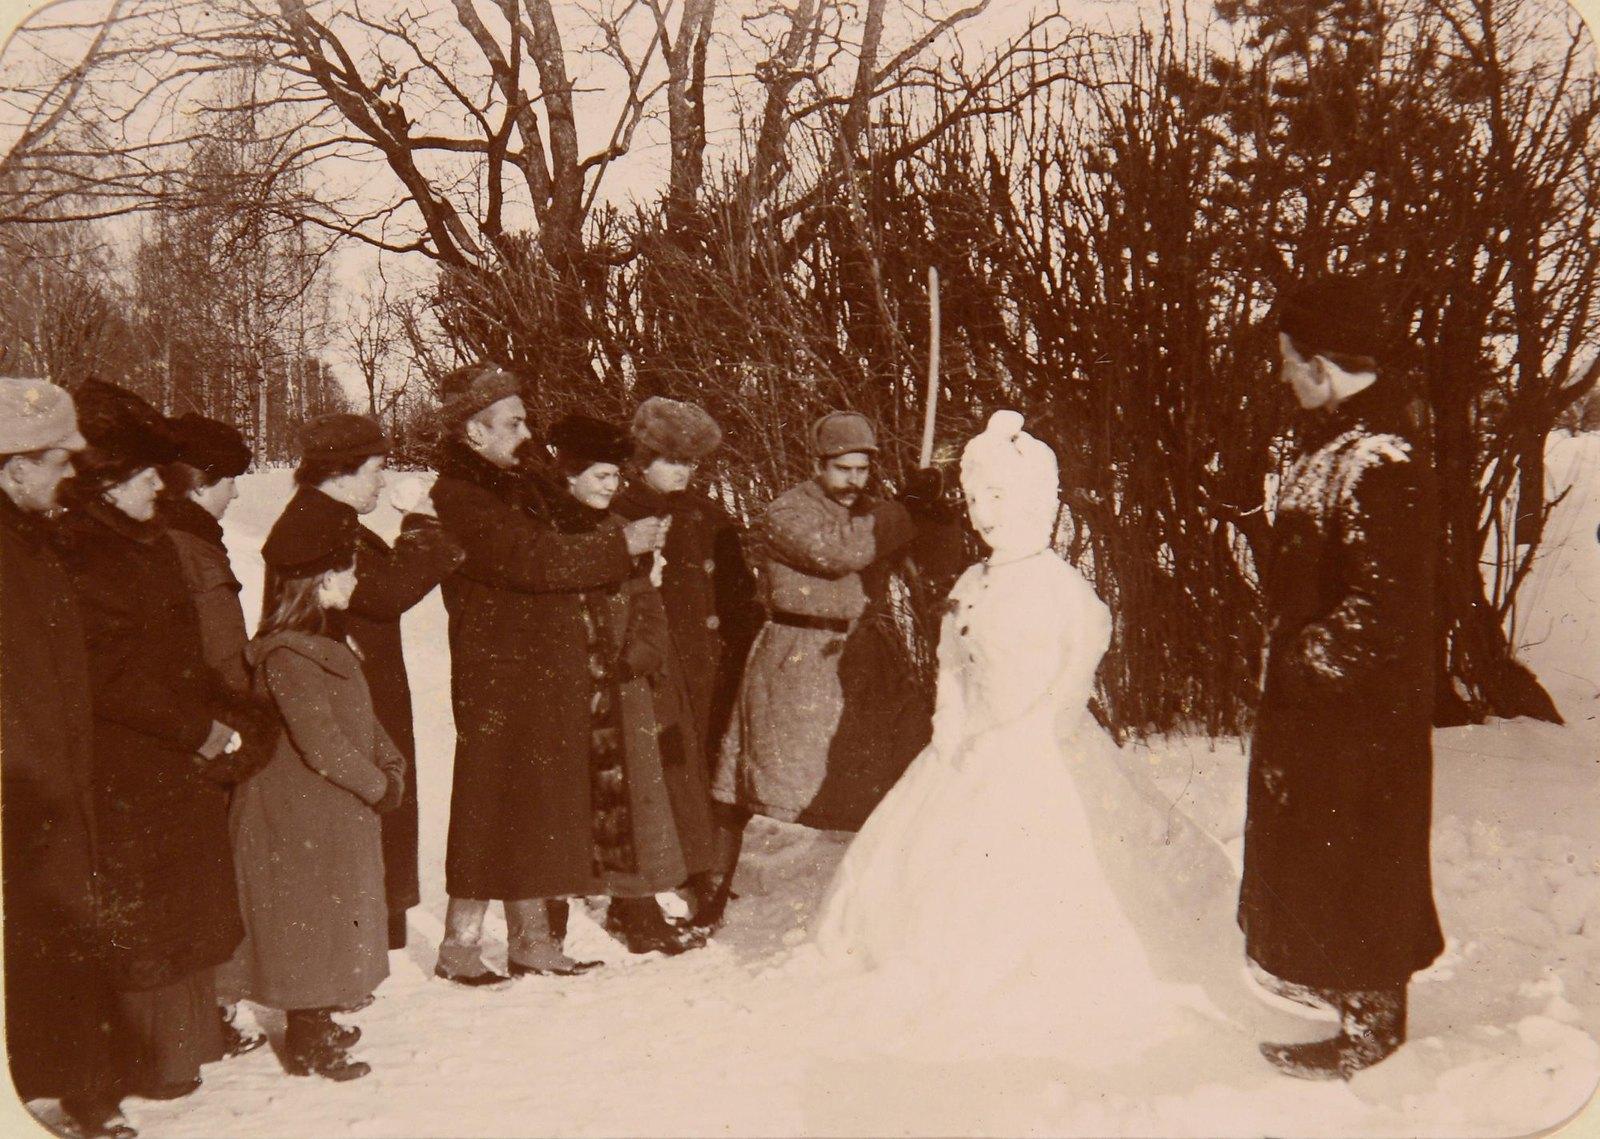 Лепят снежную бабу